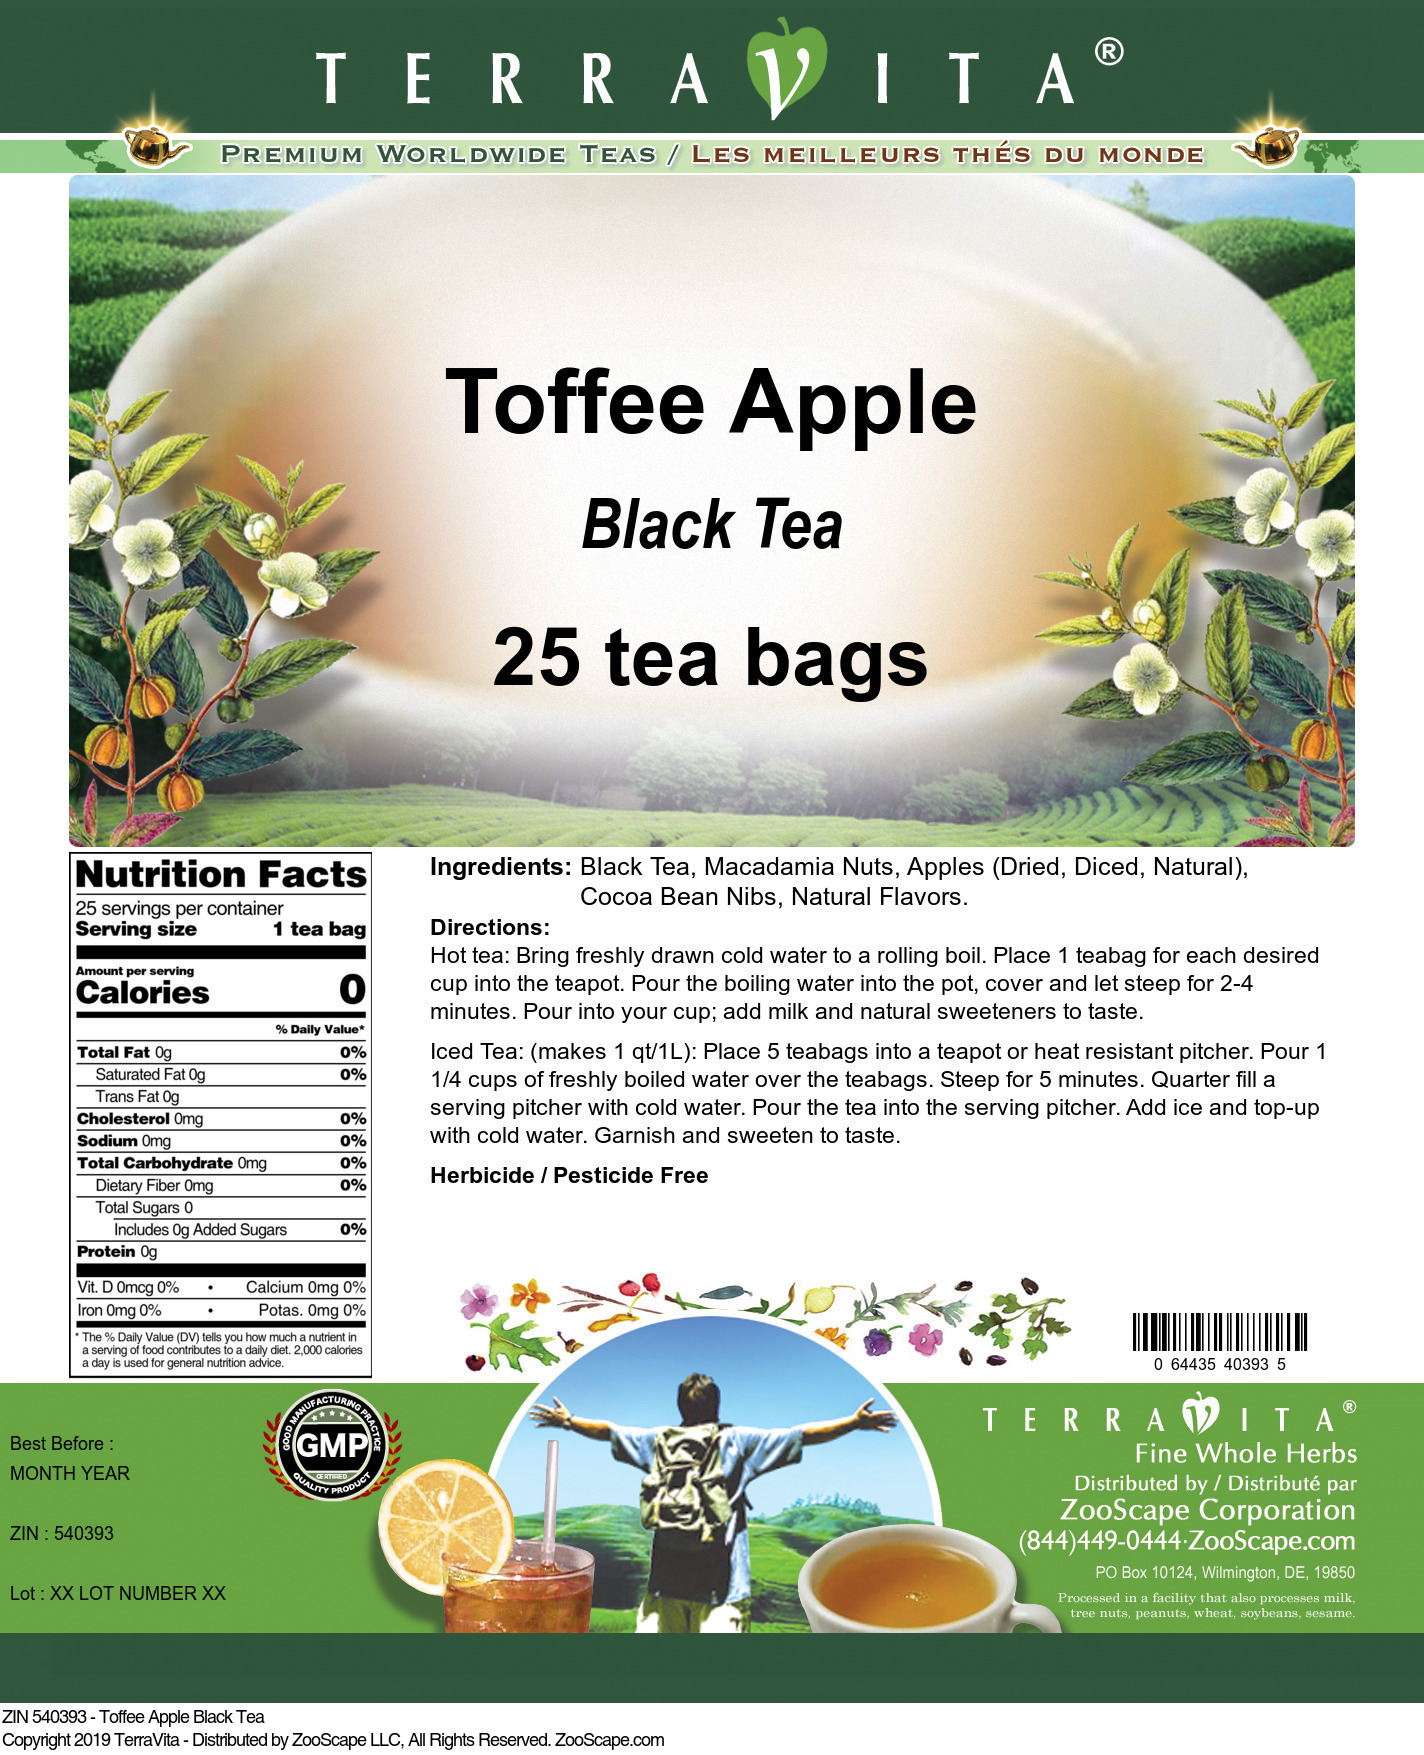 Toffee Apple Black Tea